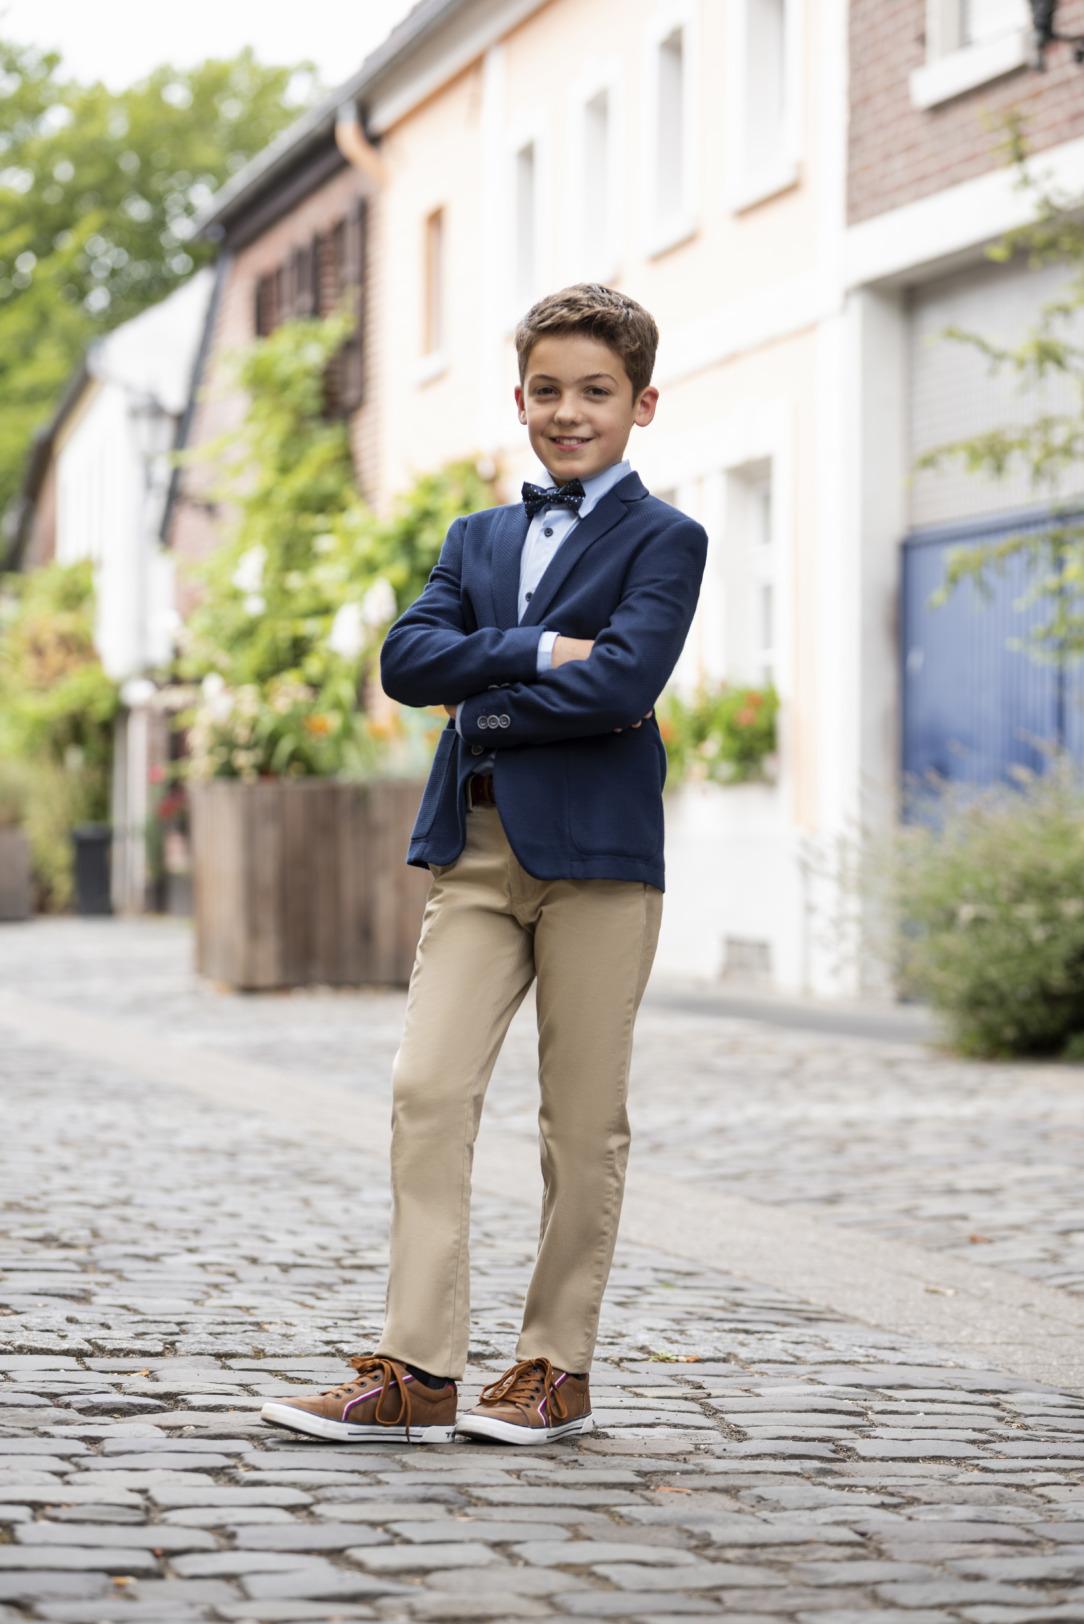 Moderner Kommunionanzug für Jungen von Weise Junior - Modell 7527701. Das dunkelblaue Sakko hat einen hohen Stretchanteil für die Bequemlichkeit. Hier kombiniert mit einer beigen Jeans. Lässig - modern - sportlich und elegant in einem.